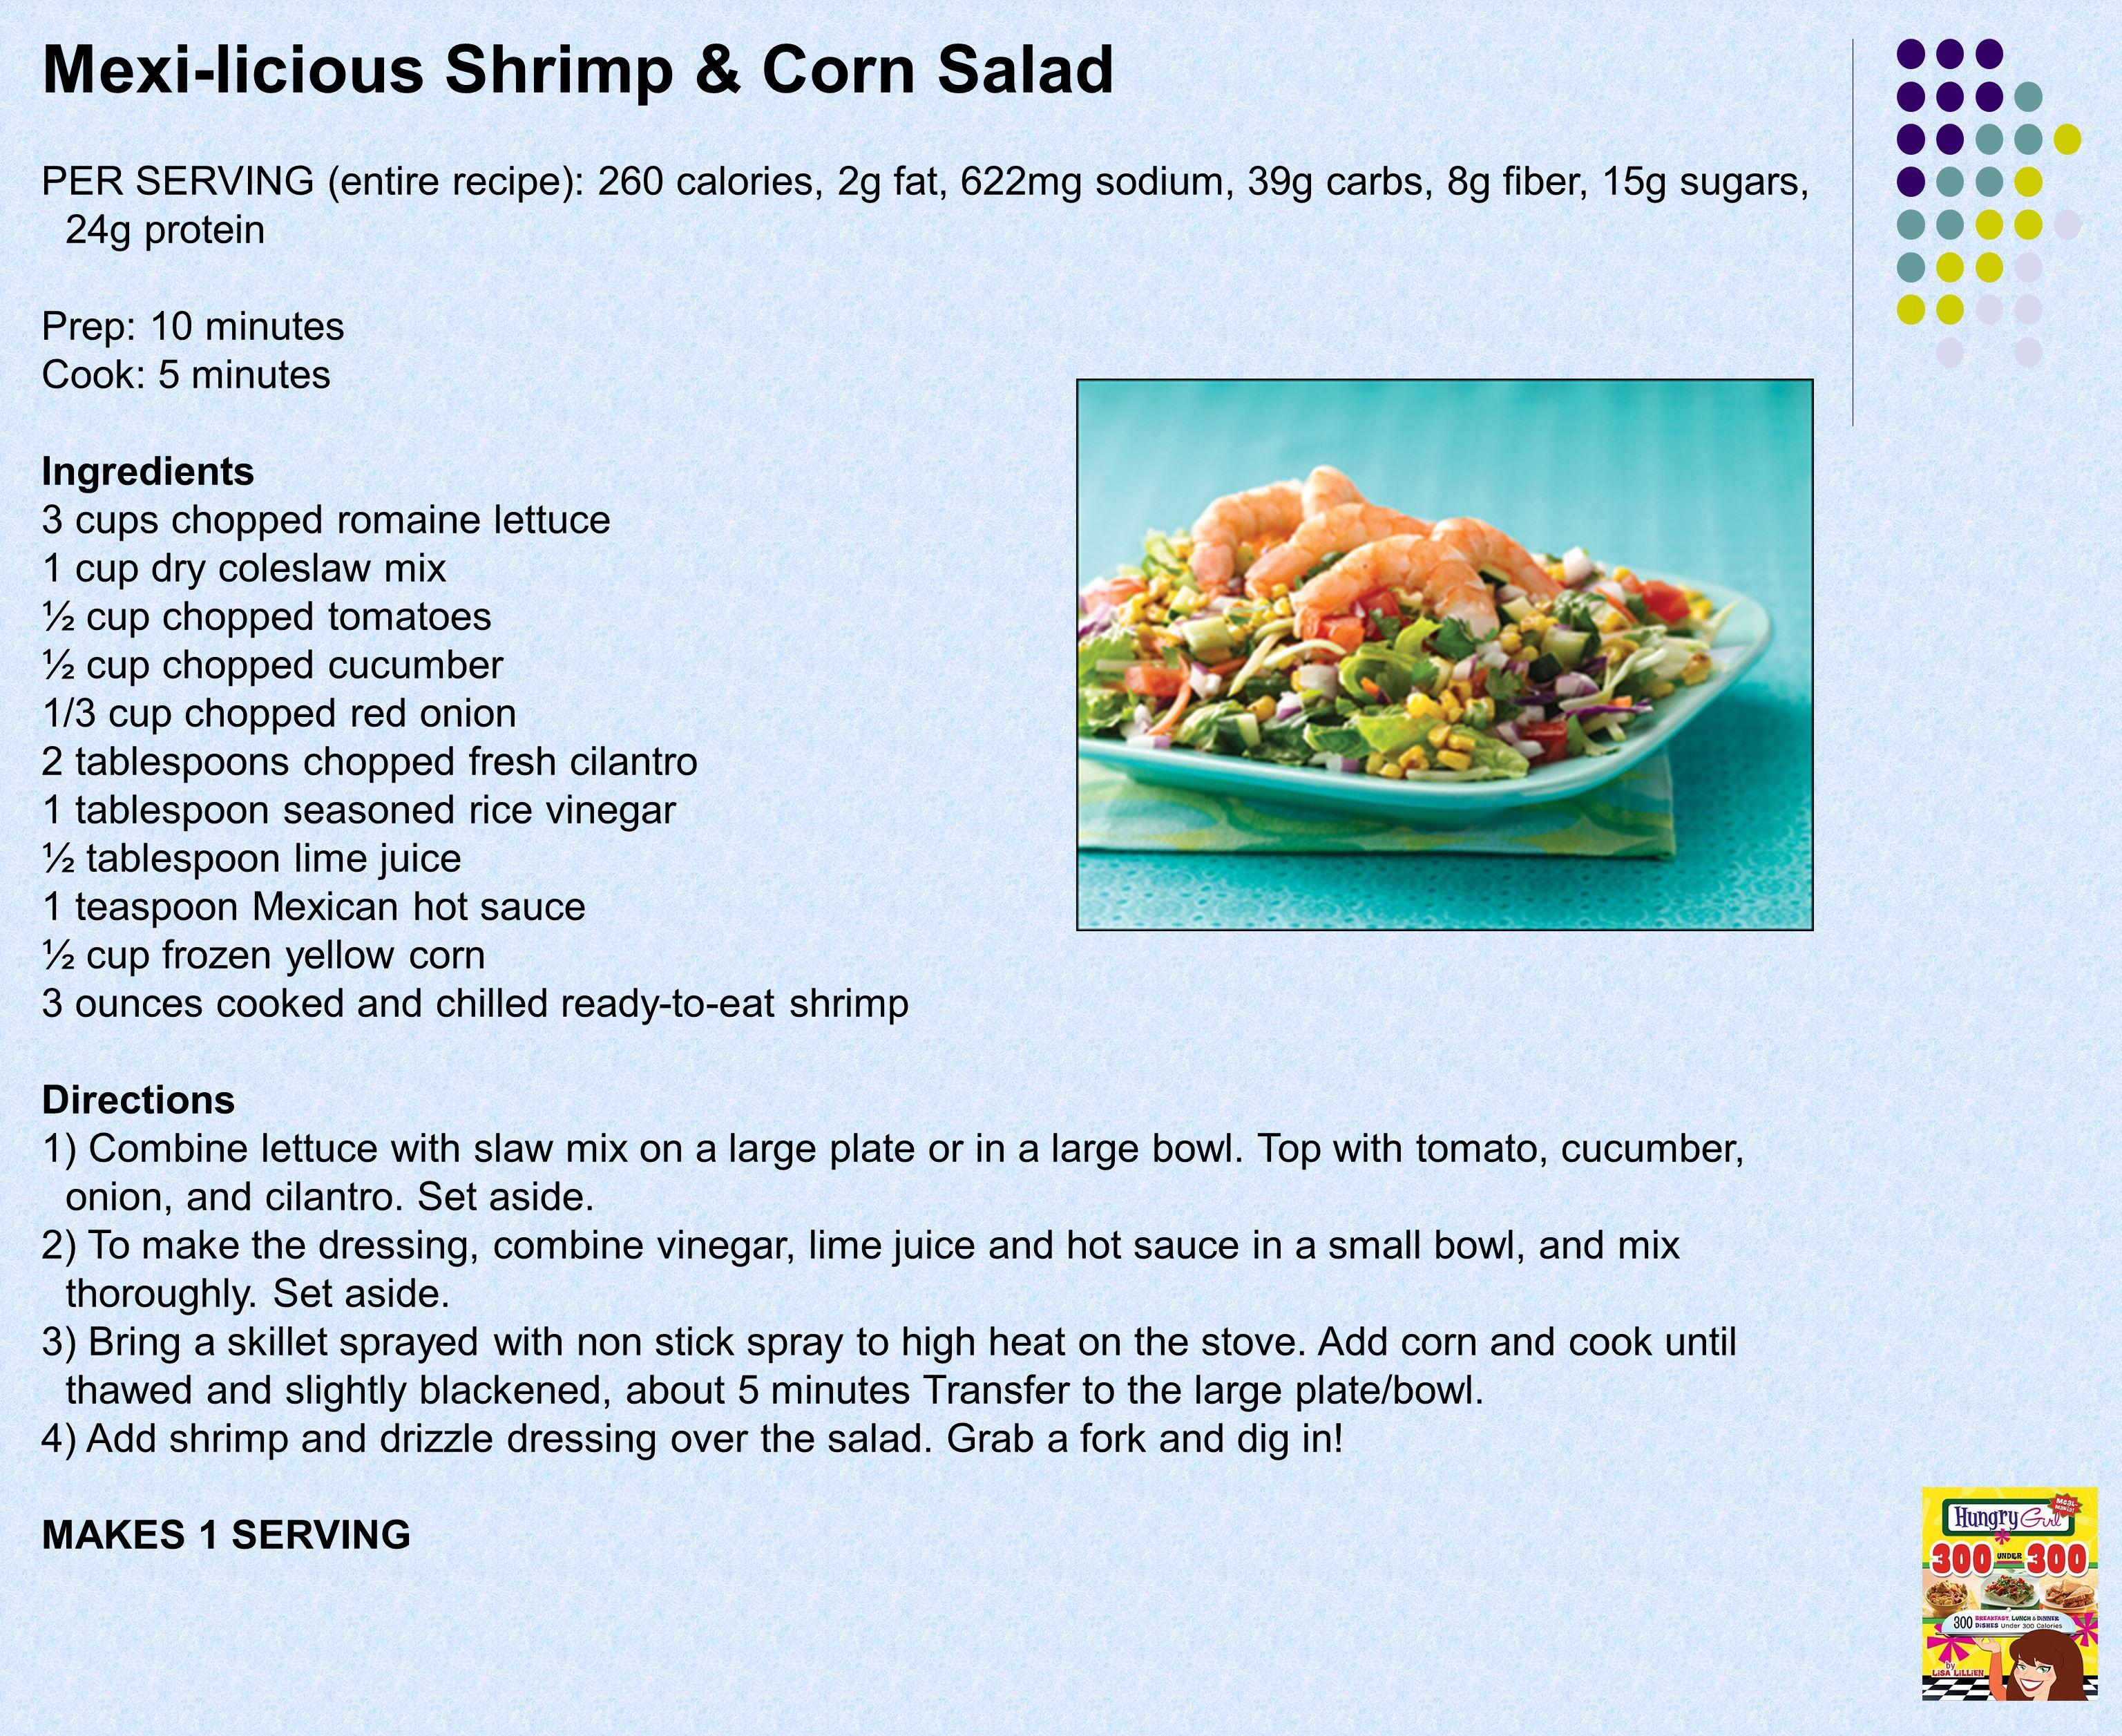 Mexi-licious Shrimp & Corn Salad PER SERVING (entire recipe): 260 calories